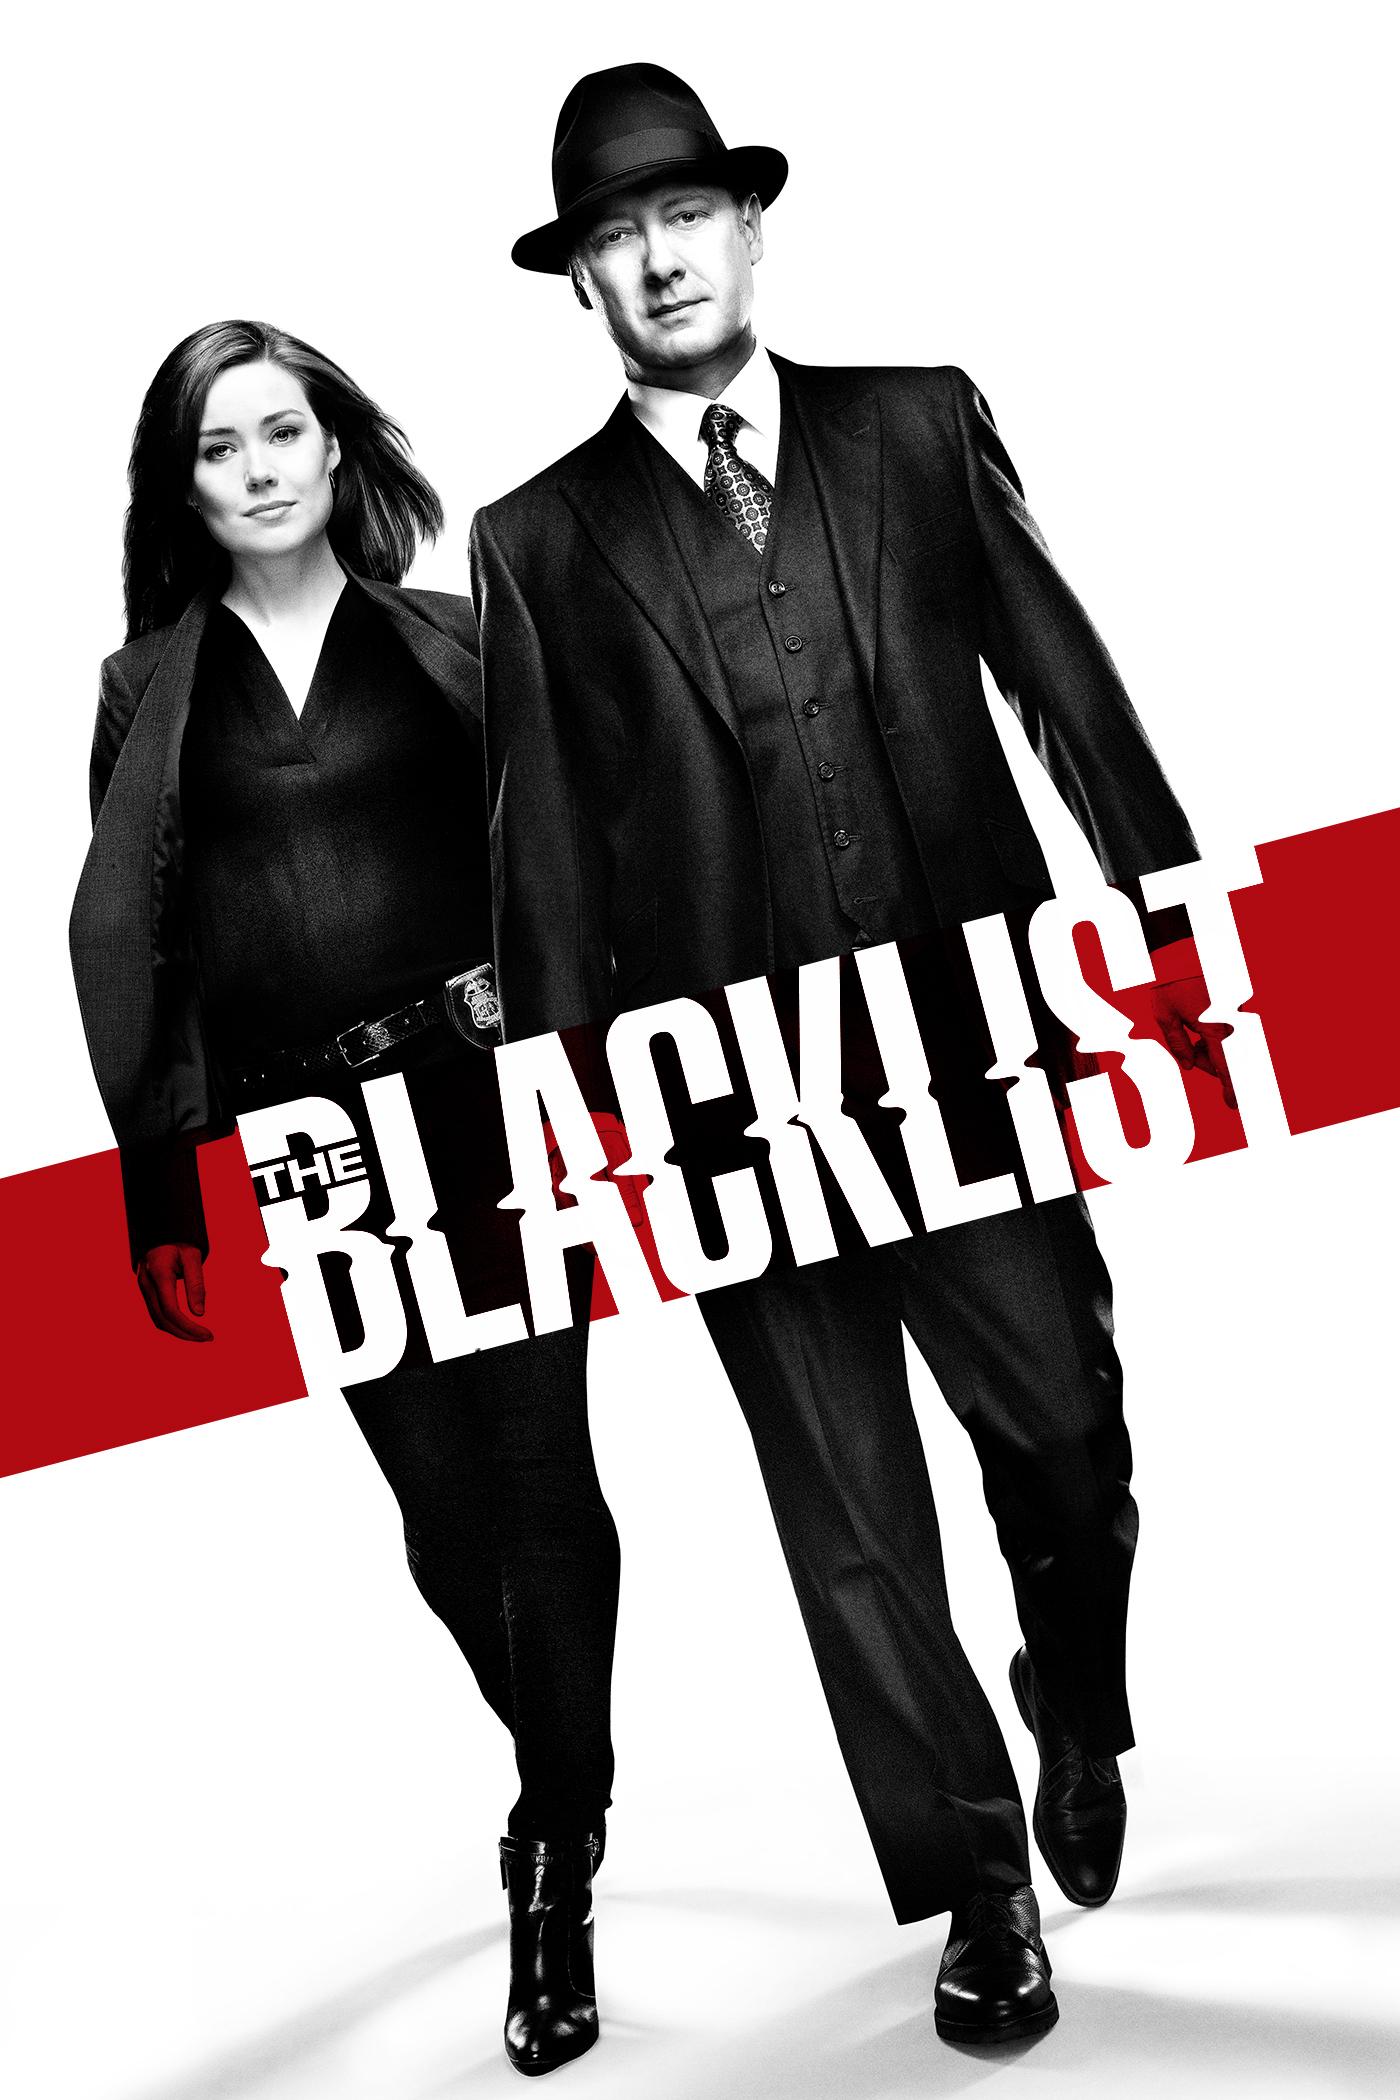 دانلود سریال The Blacklist با دوبله فارسی